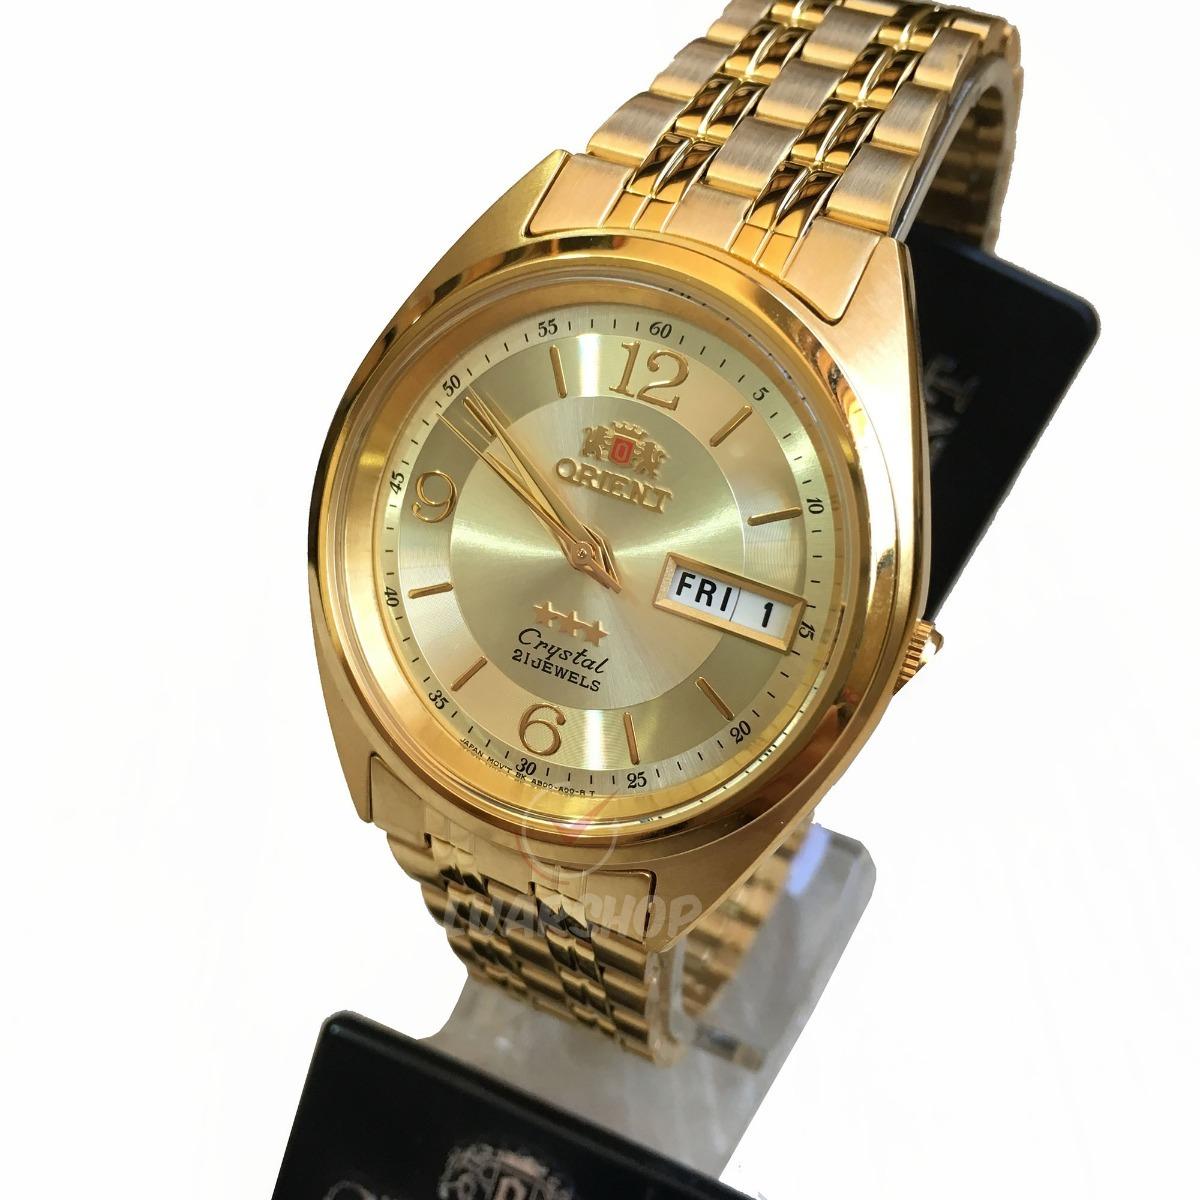 93d2bc14645 relógio orient automatico masculino dourado - original. Carregando zoom.